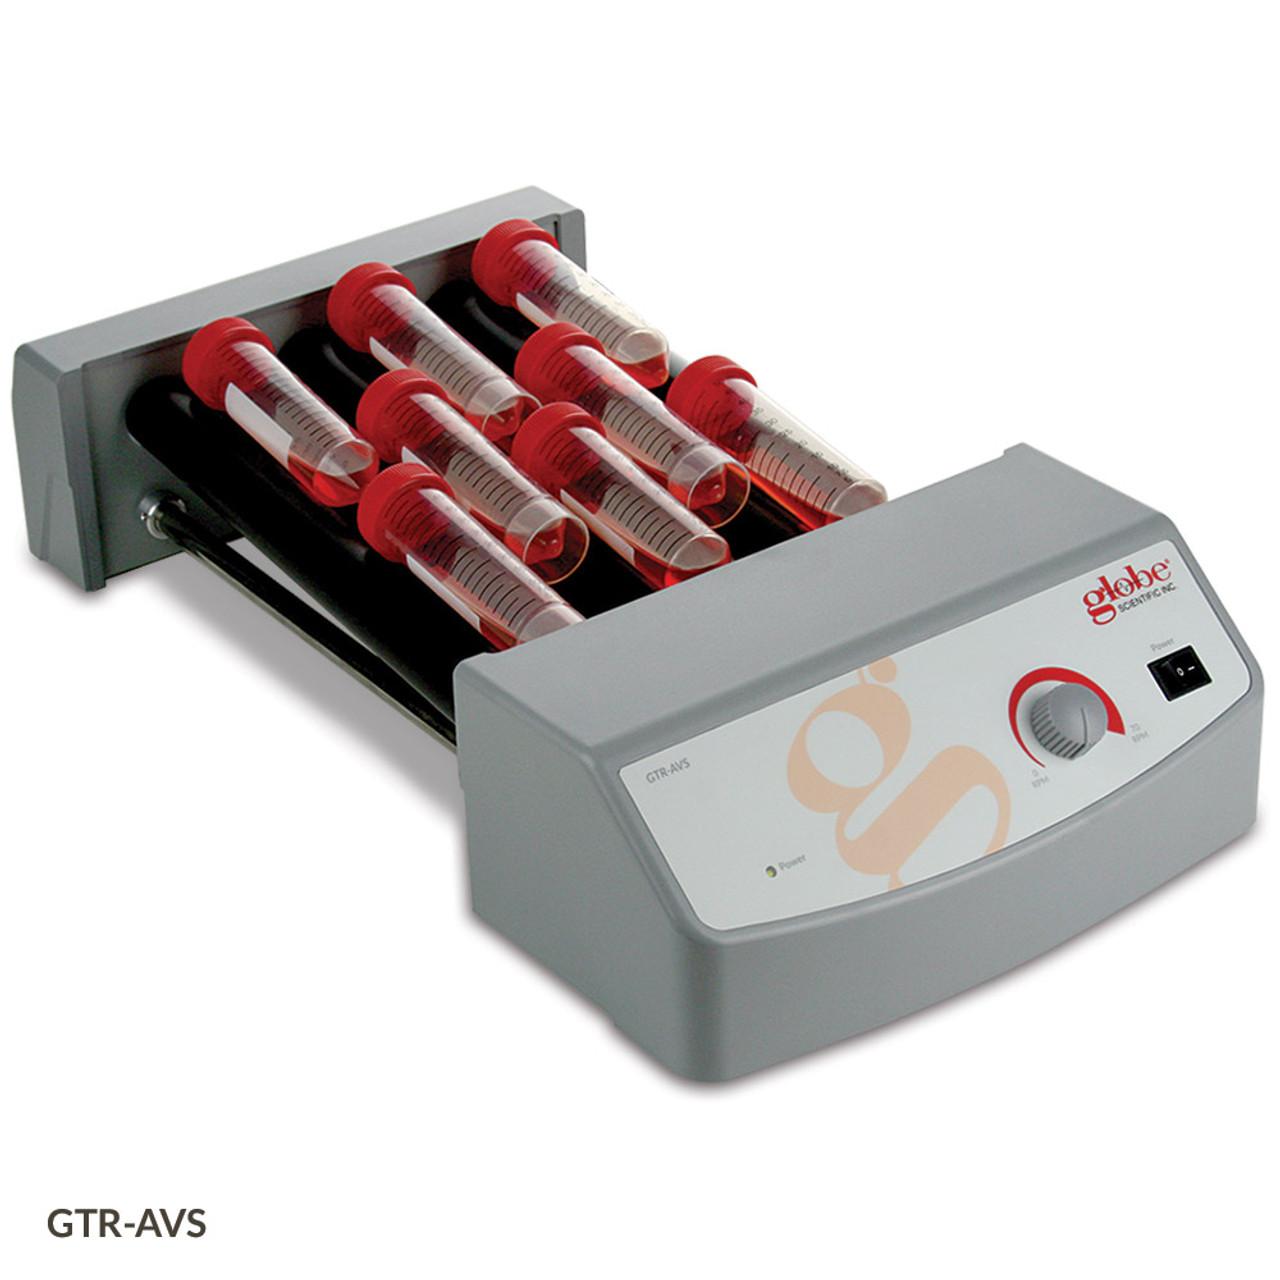 GTR-AVS Analog Variable Speed Tube Roller